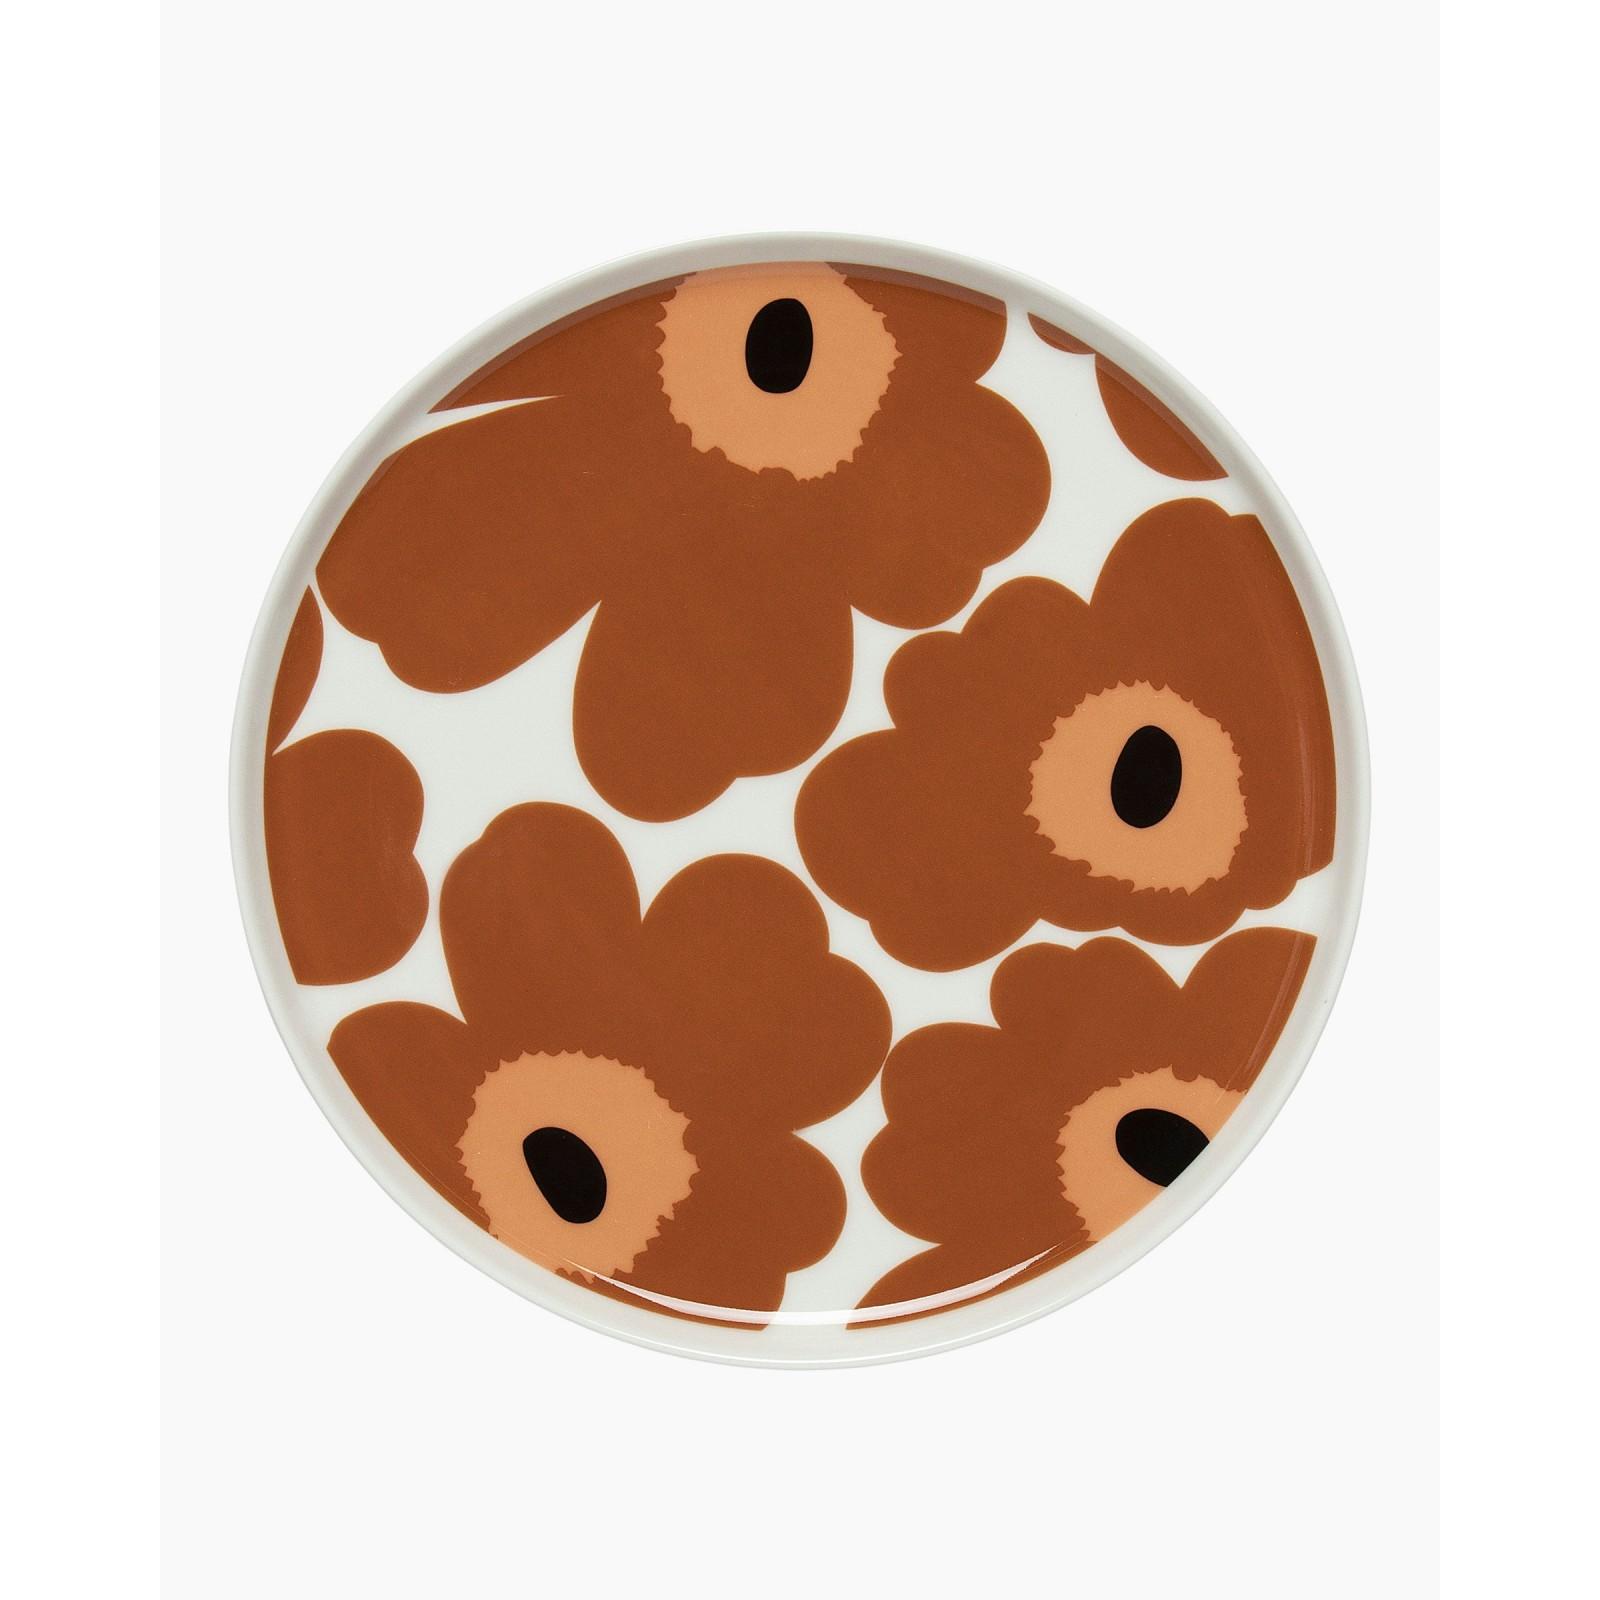 Marimekko Unikko Plate 20cm Brown Orange